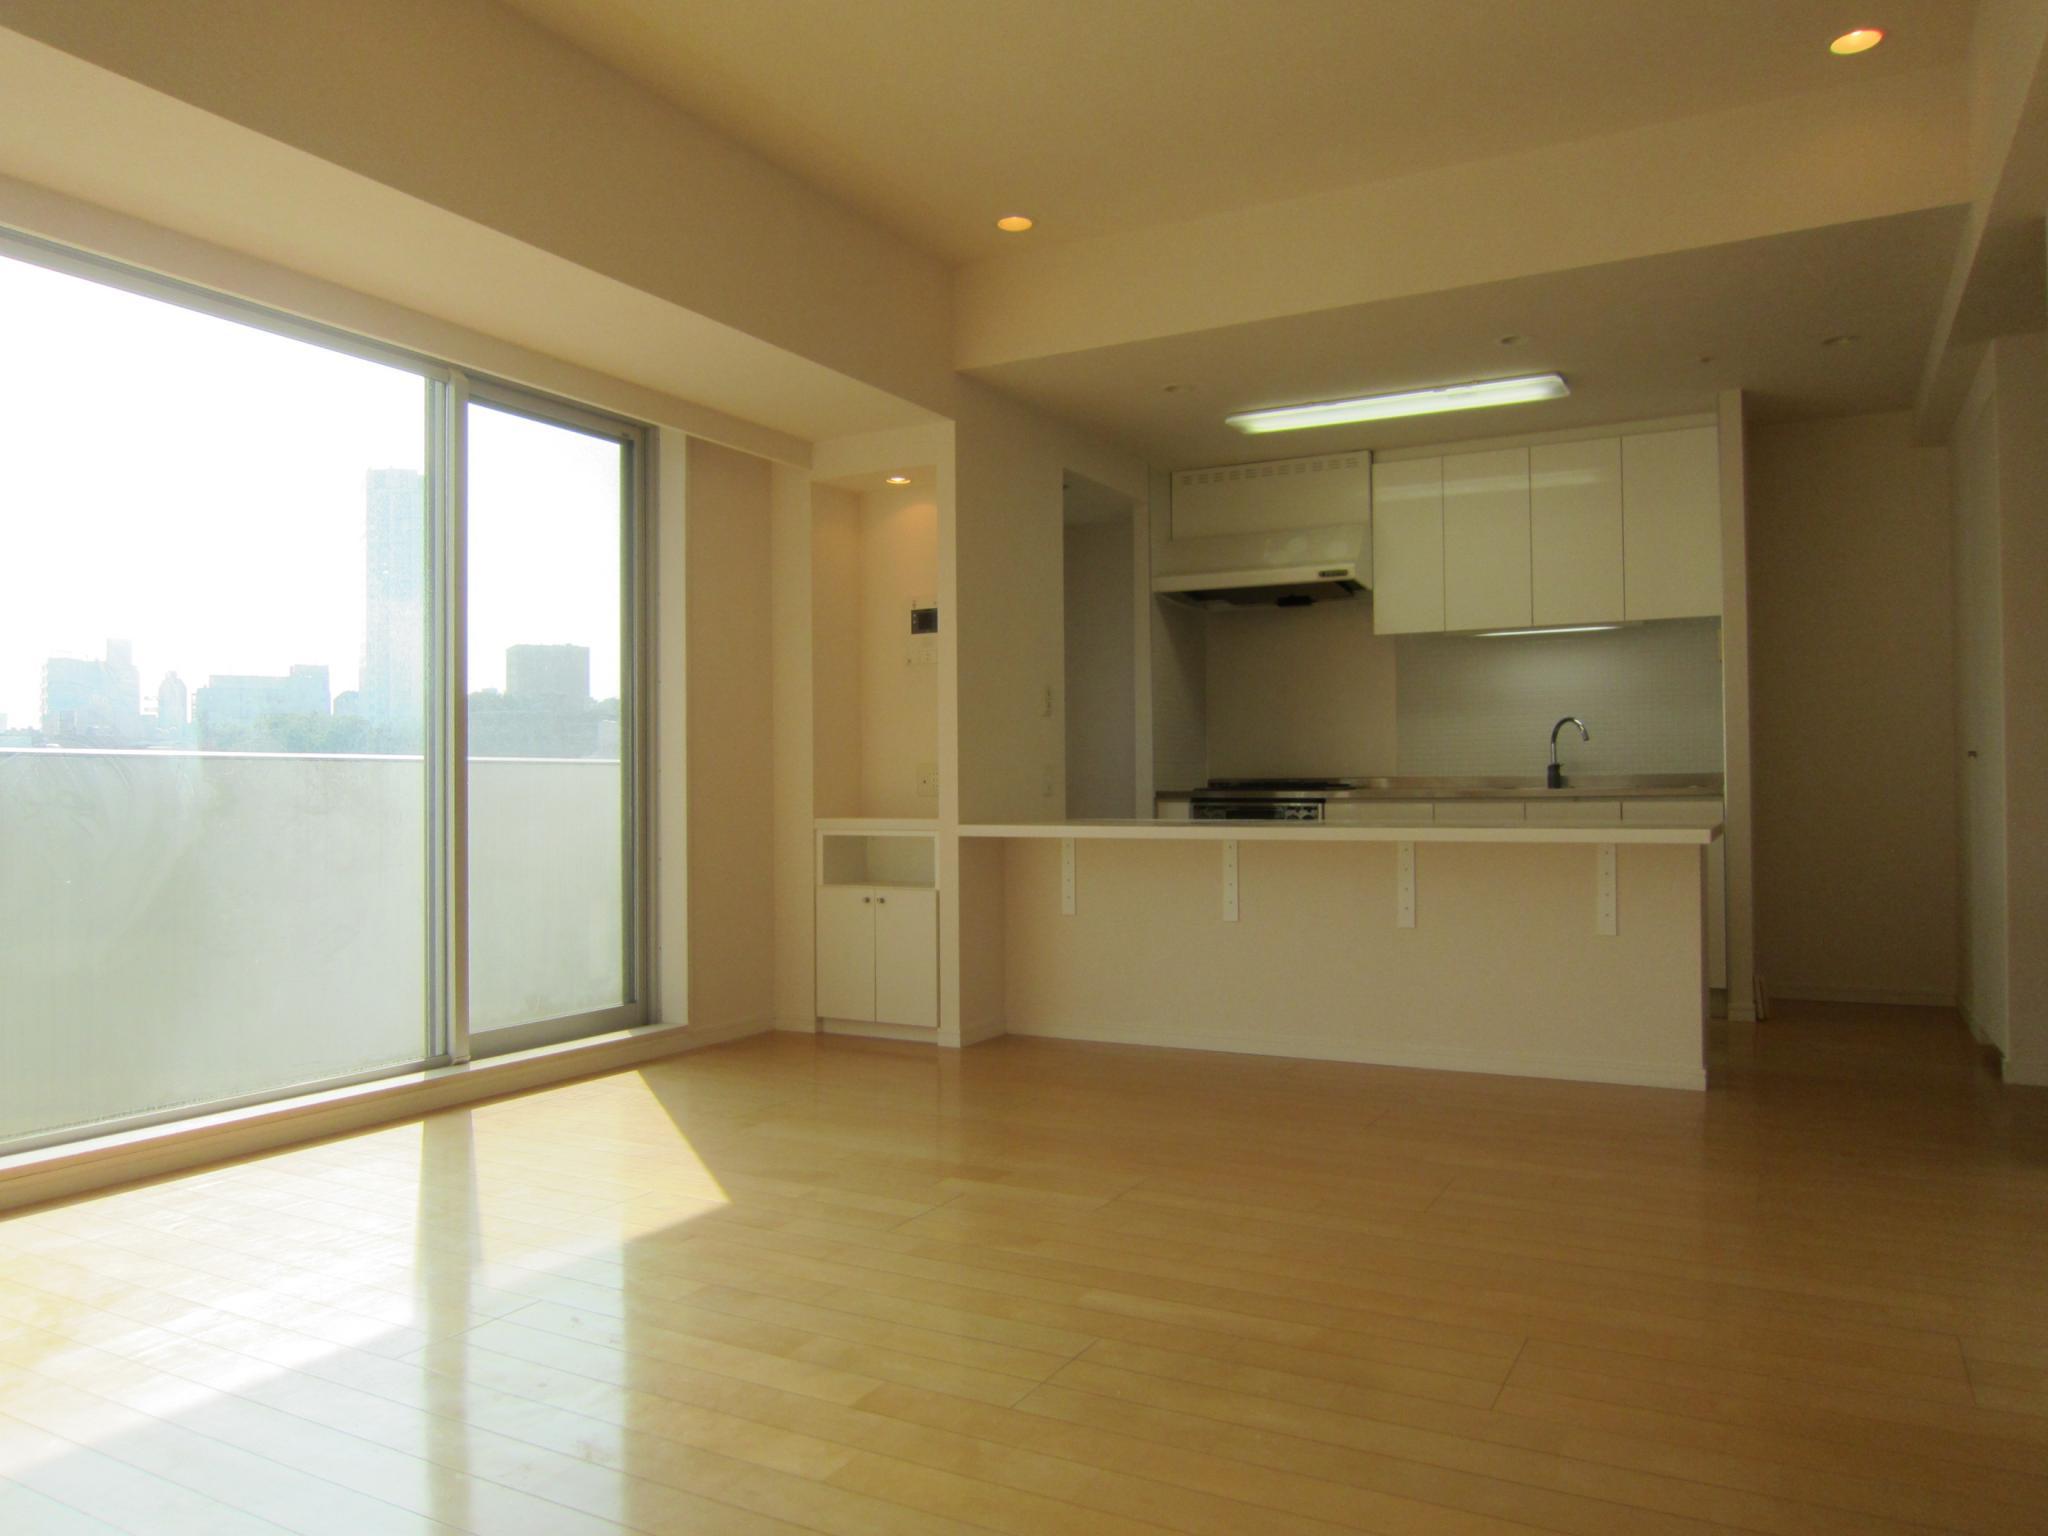 1LDK Apartment  Akasaka  Minatoku  Tokyo  Japan  For Rent  GaijinPot Apartments